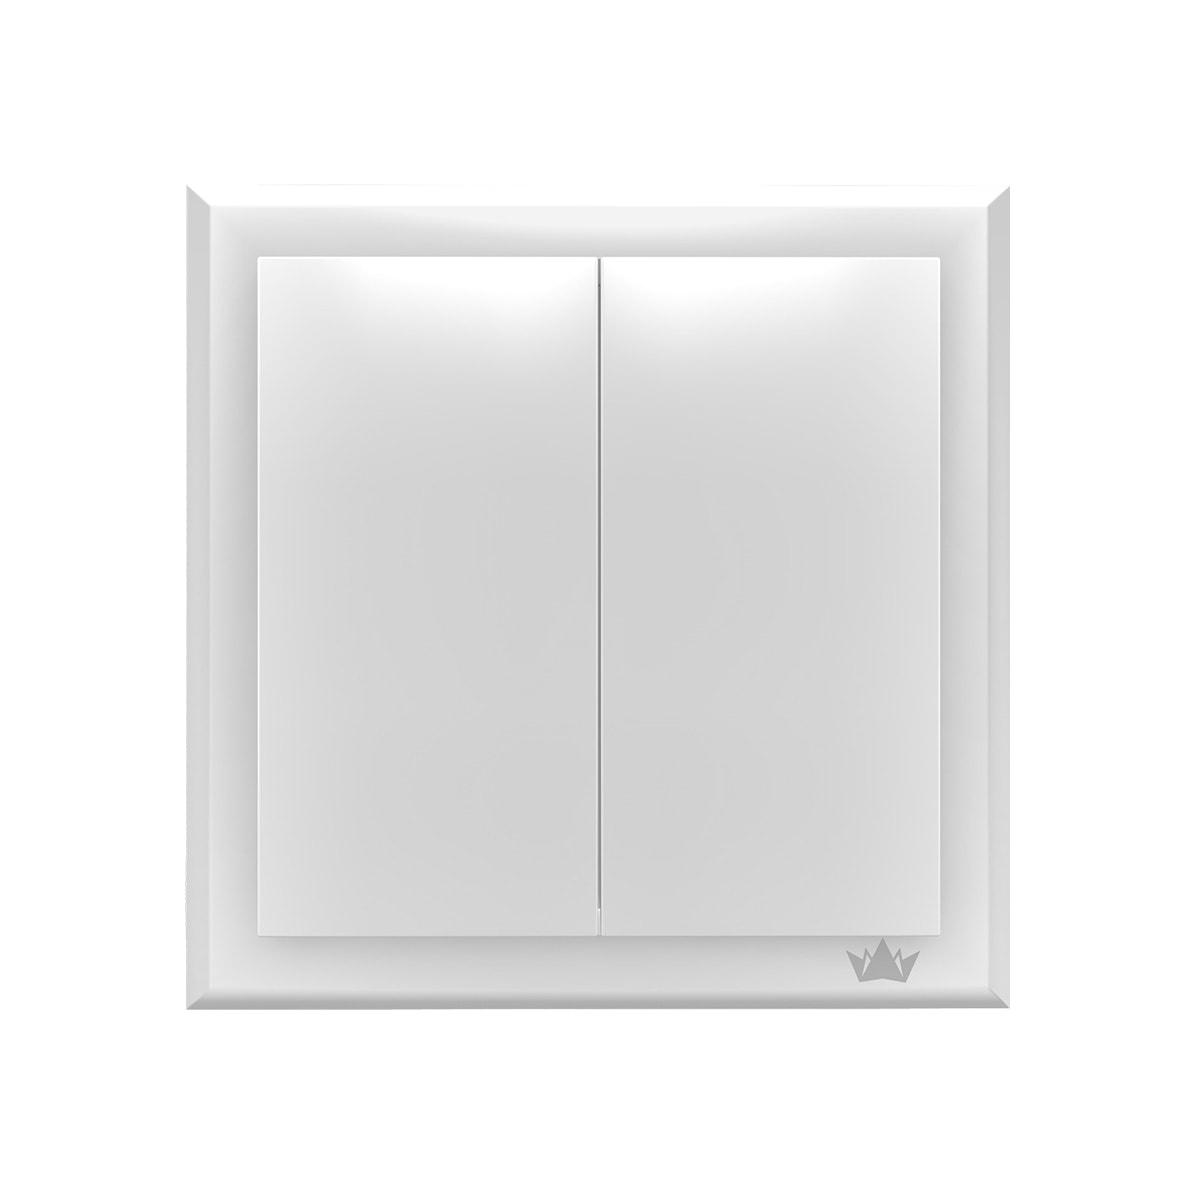 Беспроводной дистанционный выключатель Easy Switch Dau White